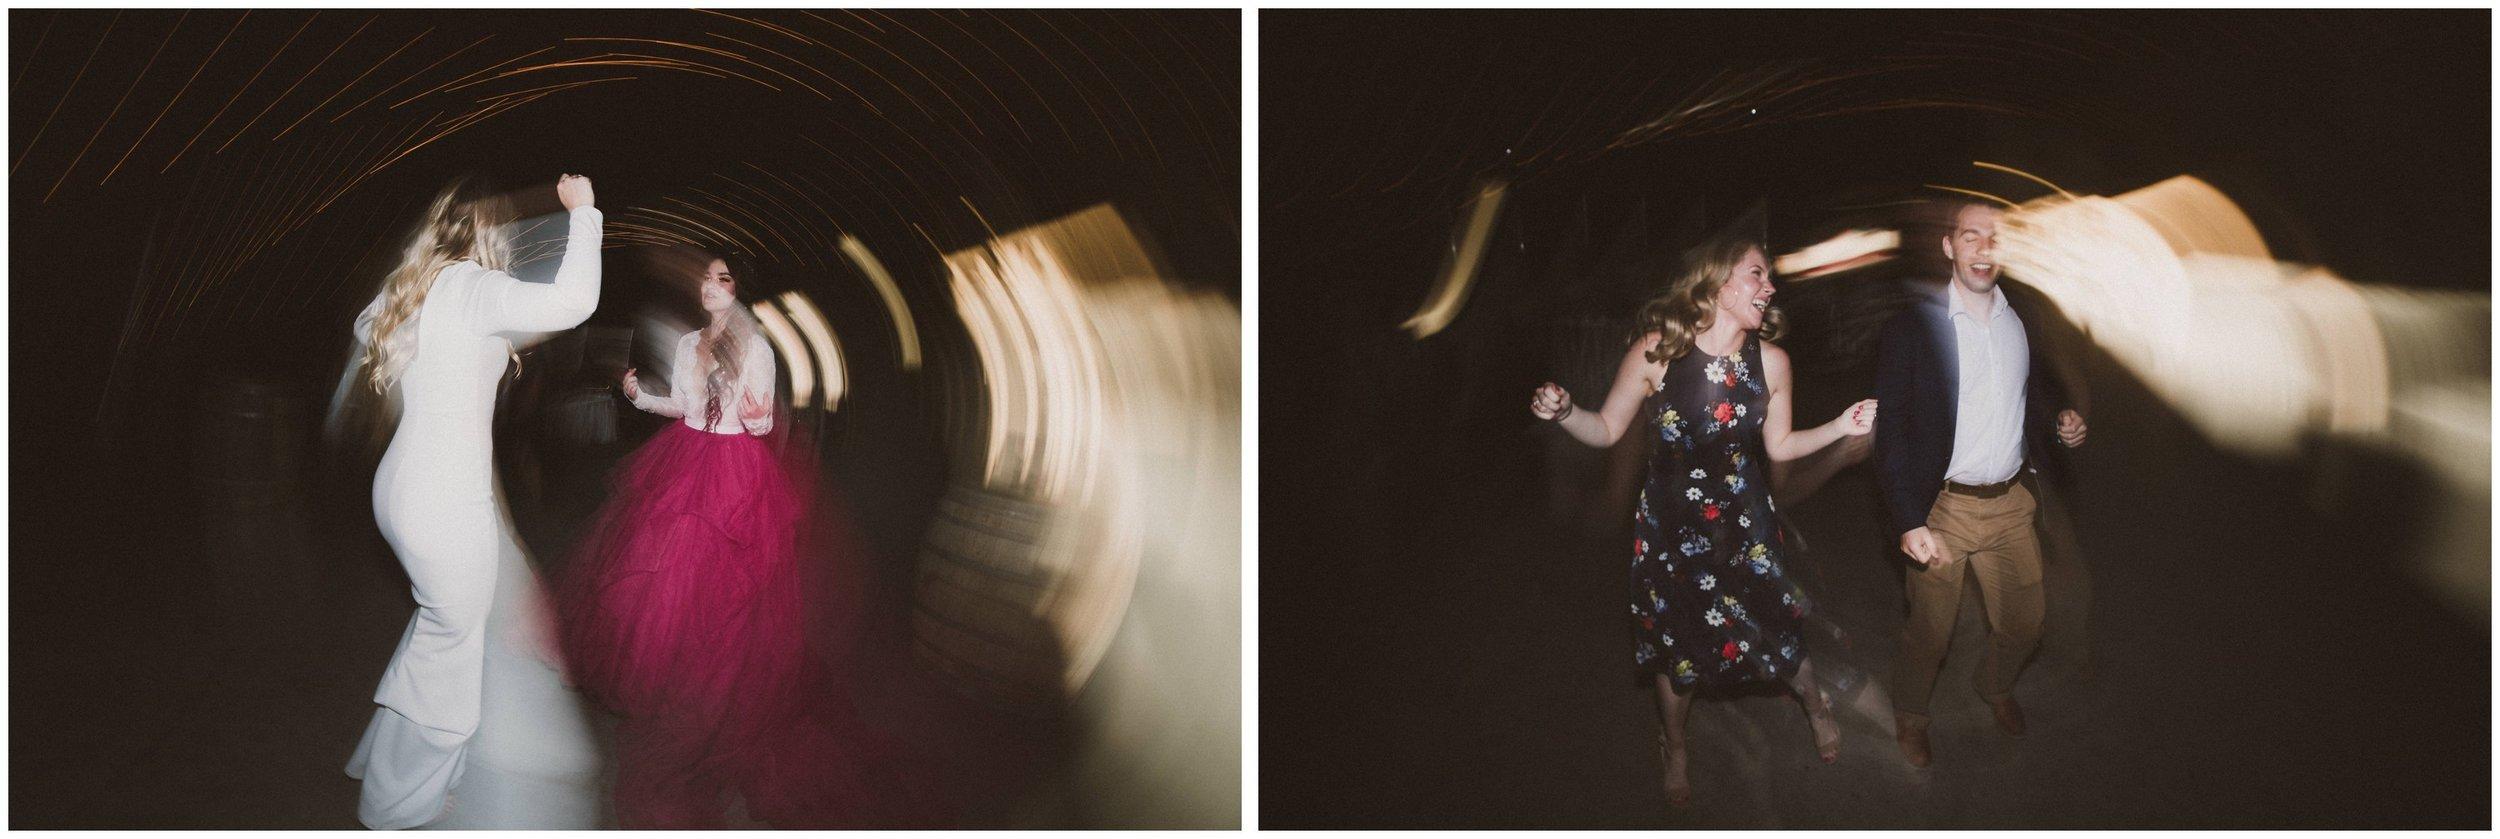 TONY-GAMBINO-PHOTOGRAPHY-BEND-OREGON-WEDDING-SHOOT-000_1543 dancing.jpg